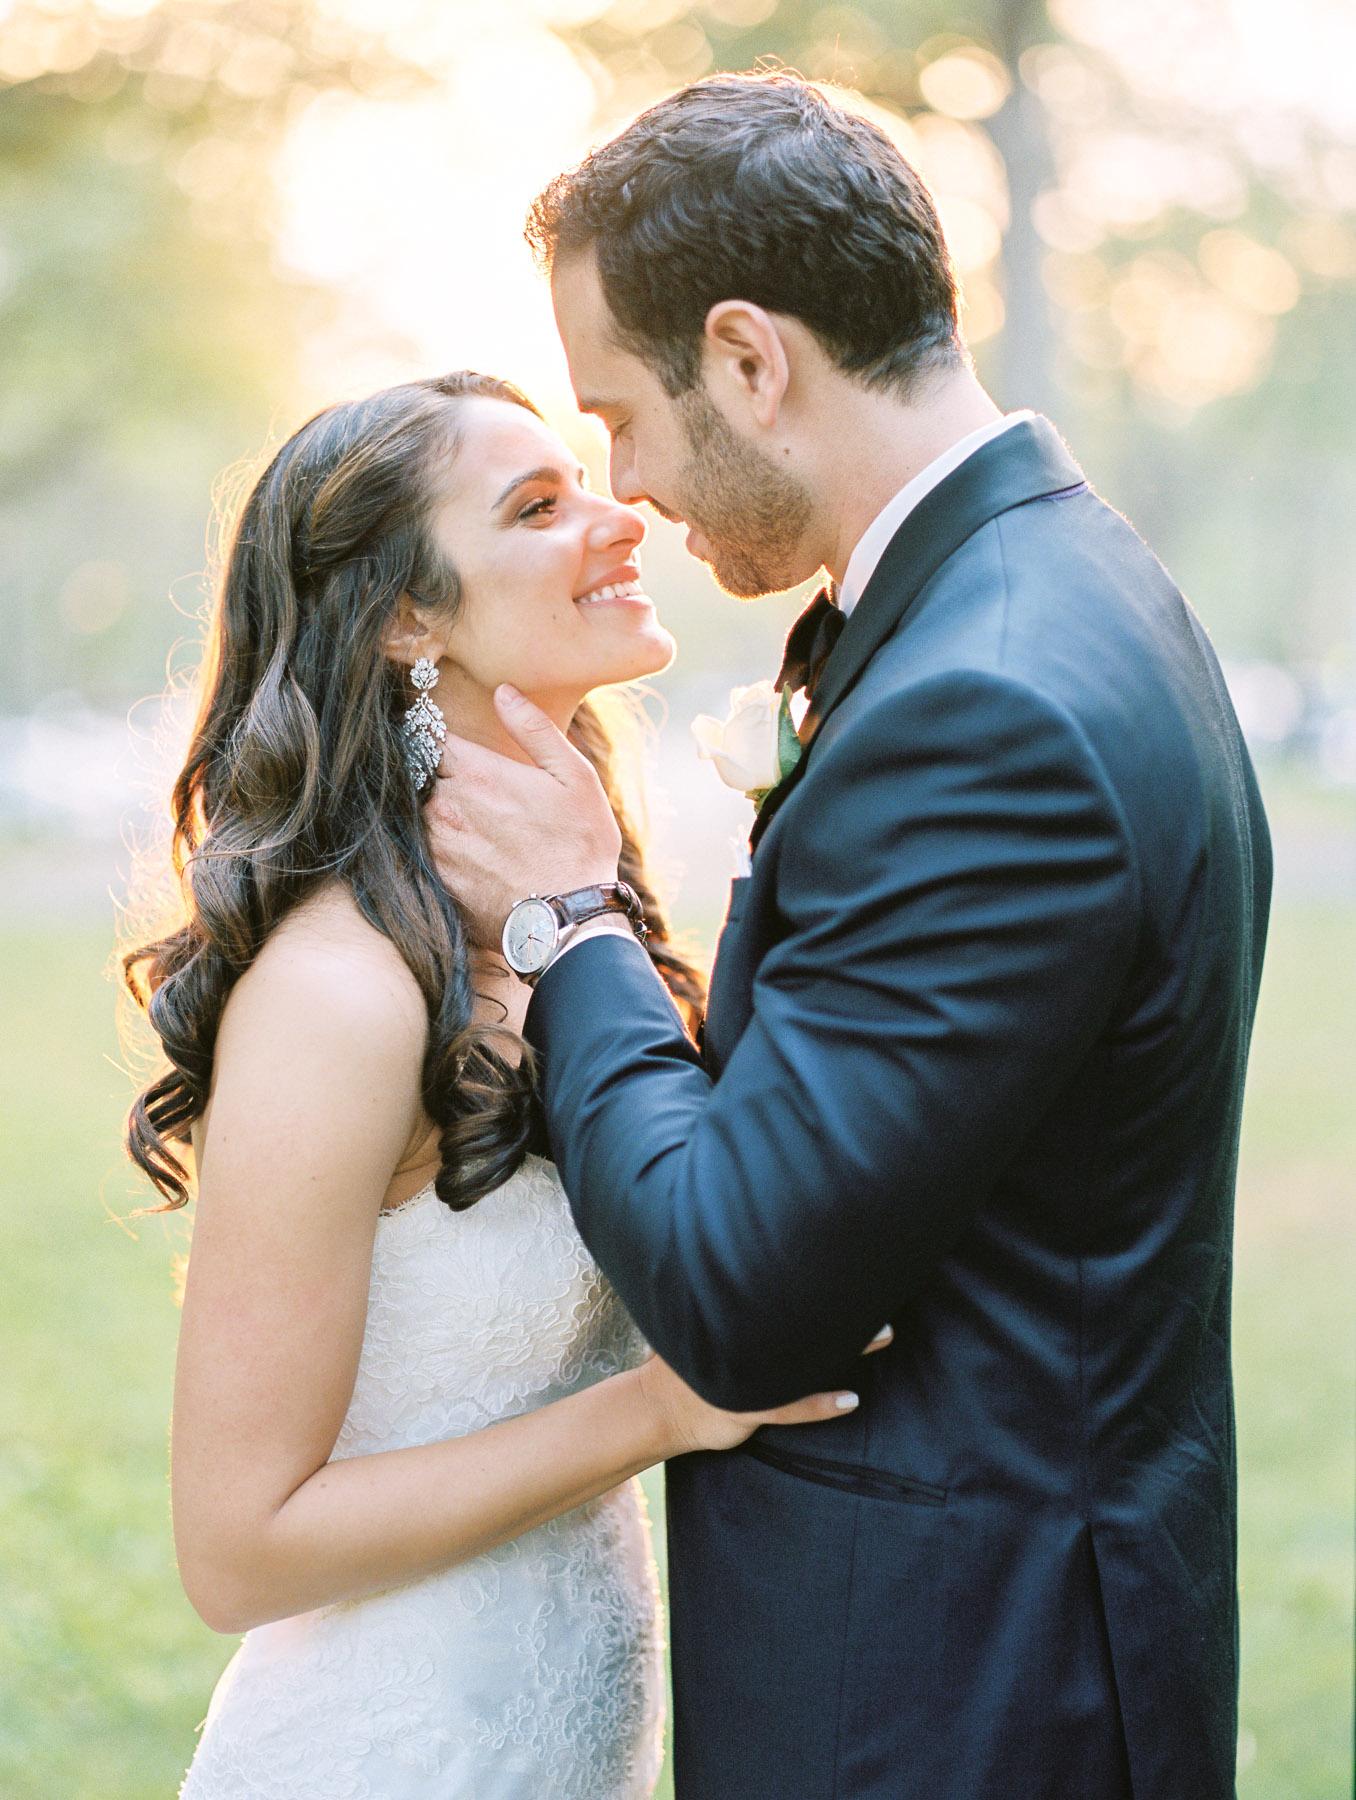 Sunset Wedding Photo at The Carltun